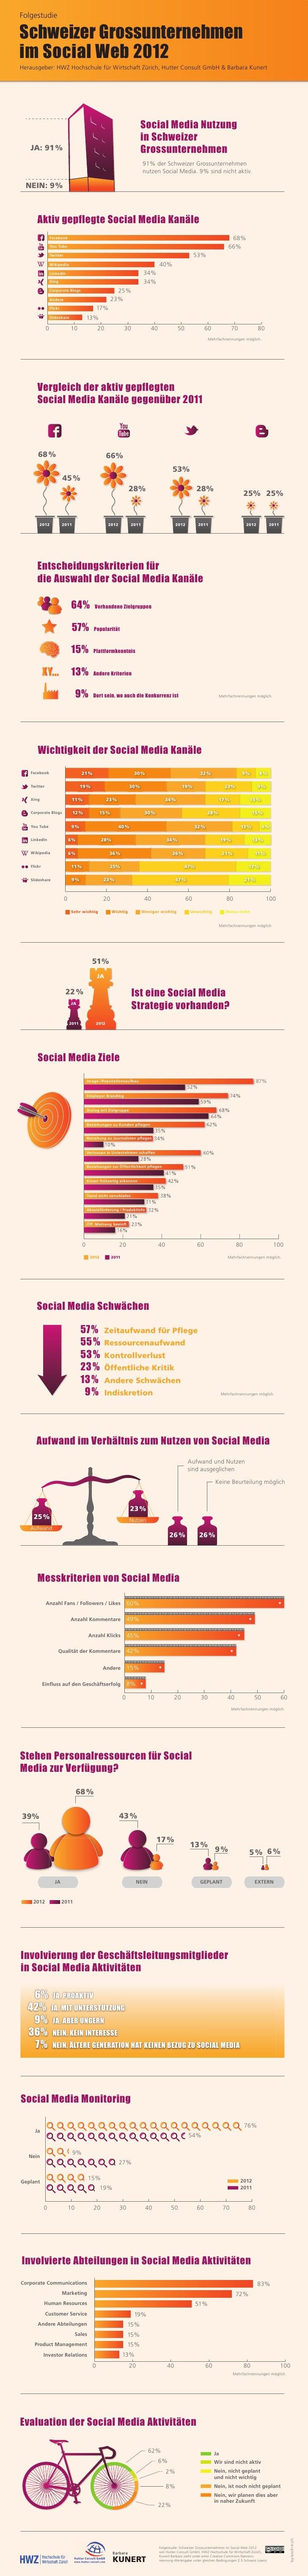 FolgestudieSchweizer Grossunternehmenim Social Web 2012Herausgeber: HWZ Hochschule für Wirtschaft Zürich, Hutter Consult G...